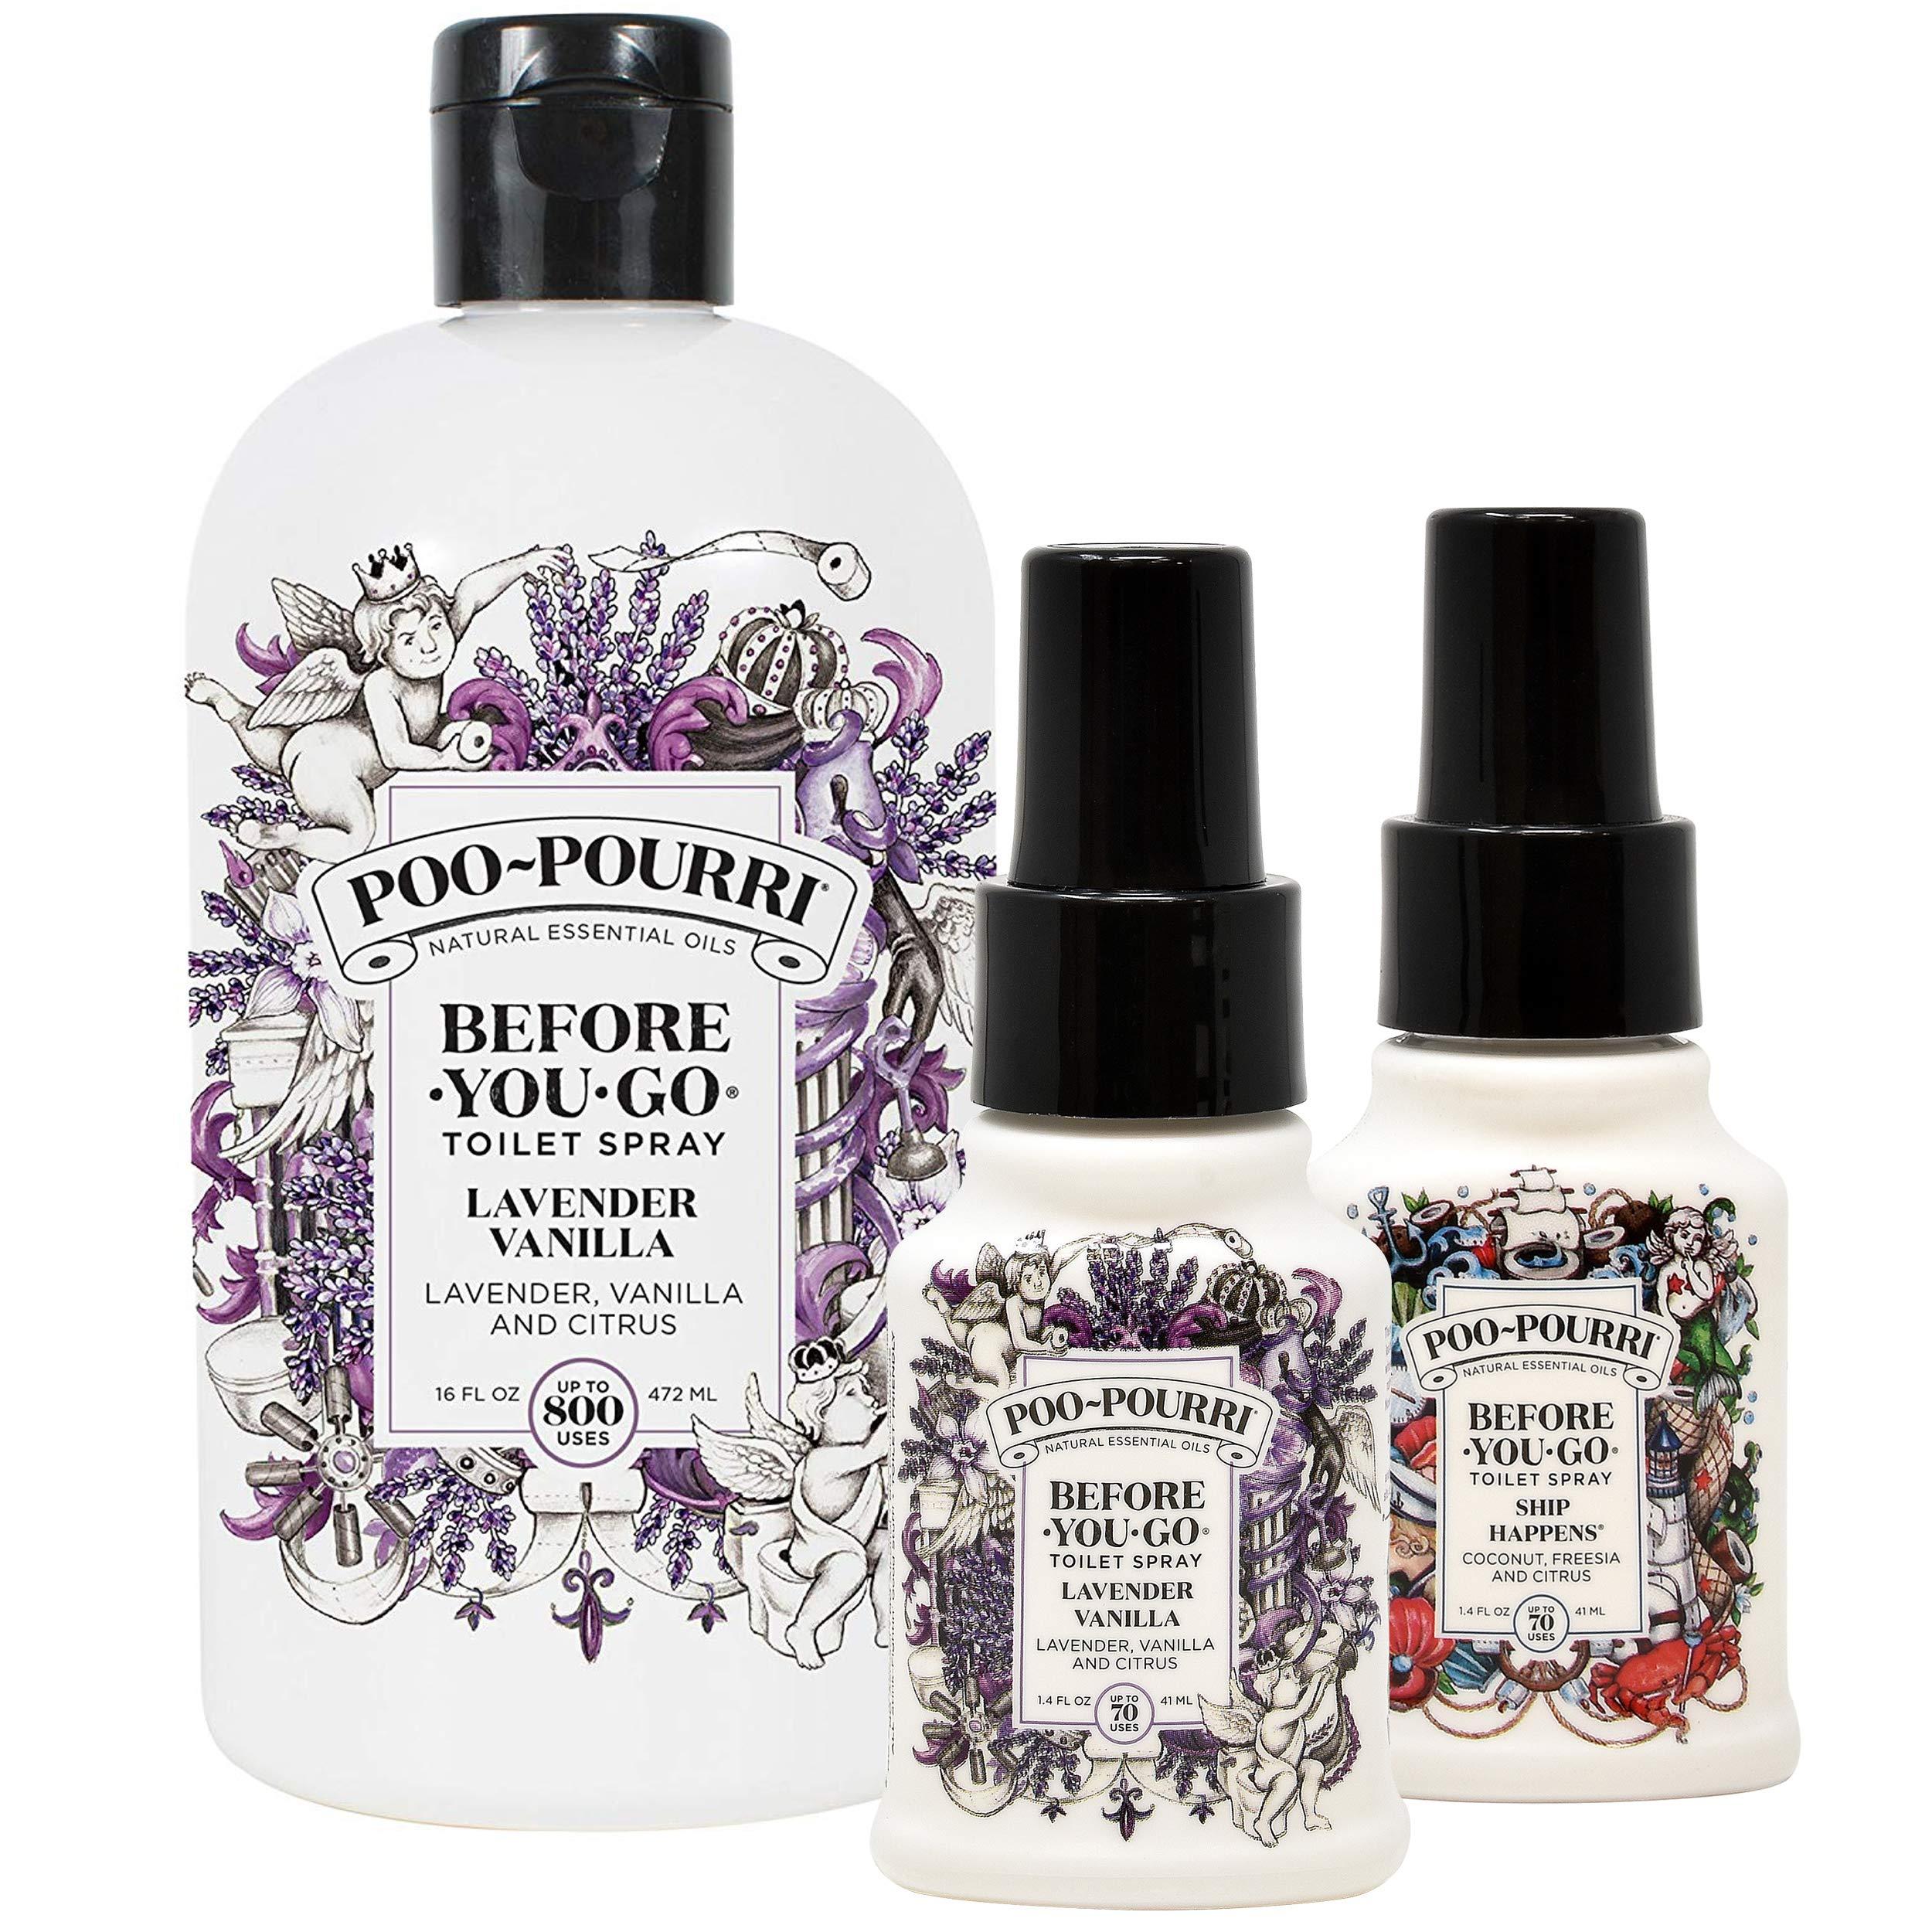 Poo-Pourri Lavender Vanilla 16 Ounce Refill Bottle, Lavender Vanilla 1.4 Ounce and Ship Happens 1.4 Ounce